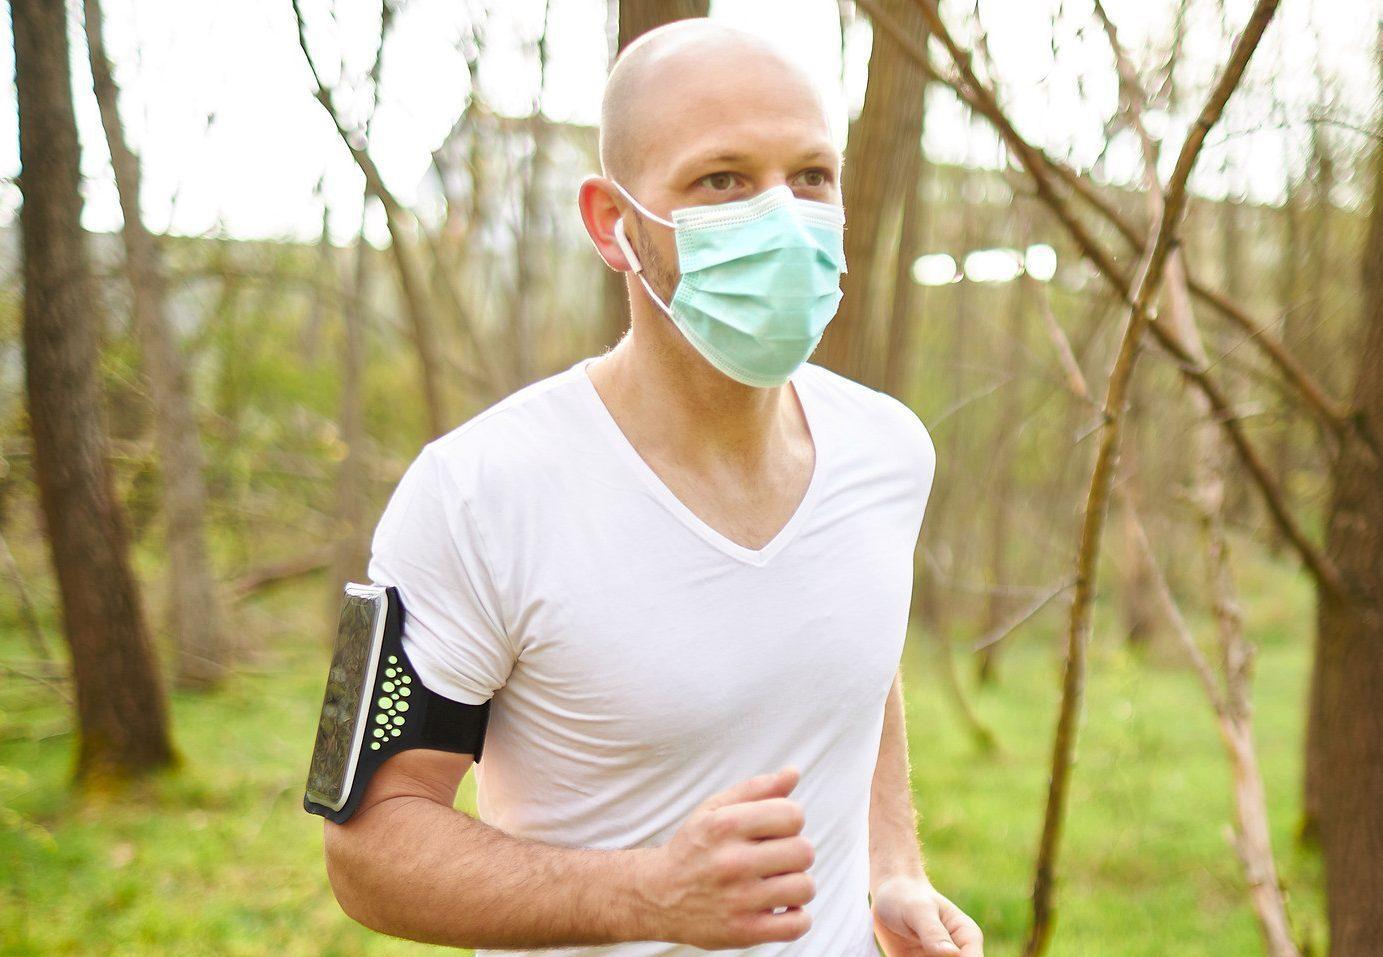 Άντρας υπέστη έκρηξη πνεύμονα αφού έτρεξε 2,5 μίλια  φορώντας μάσκα.